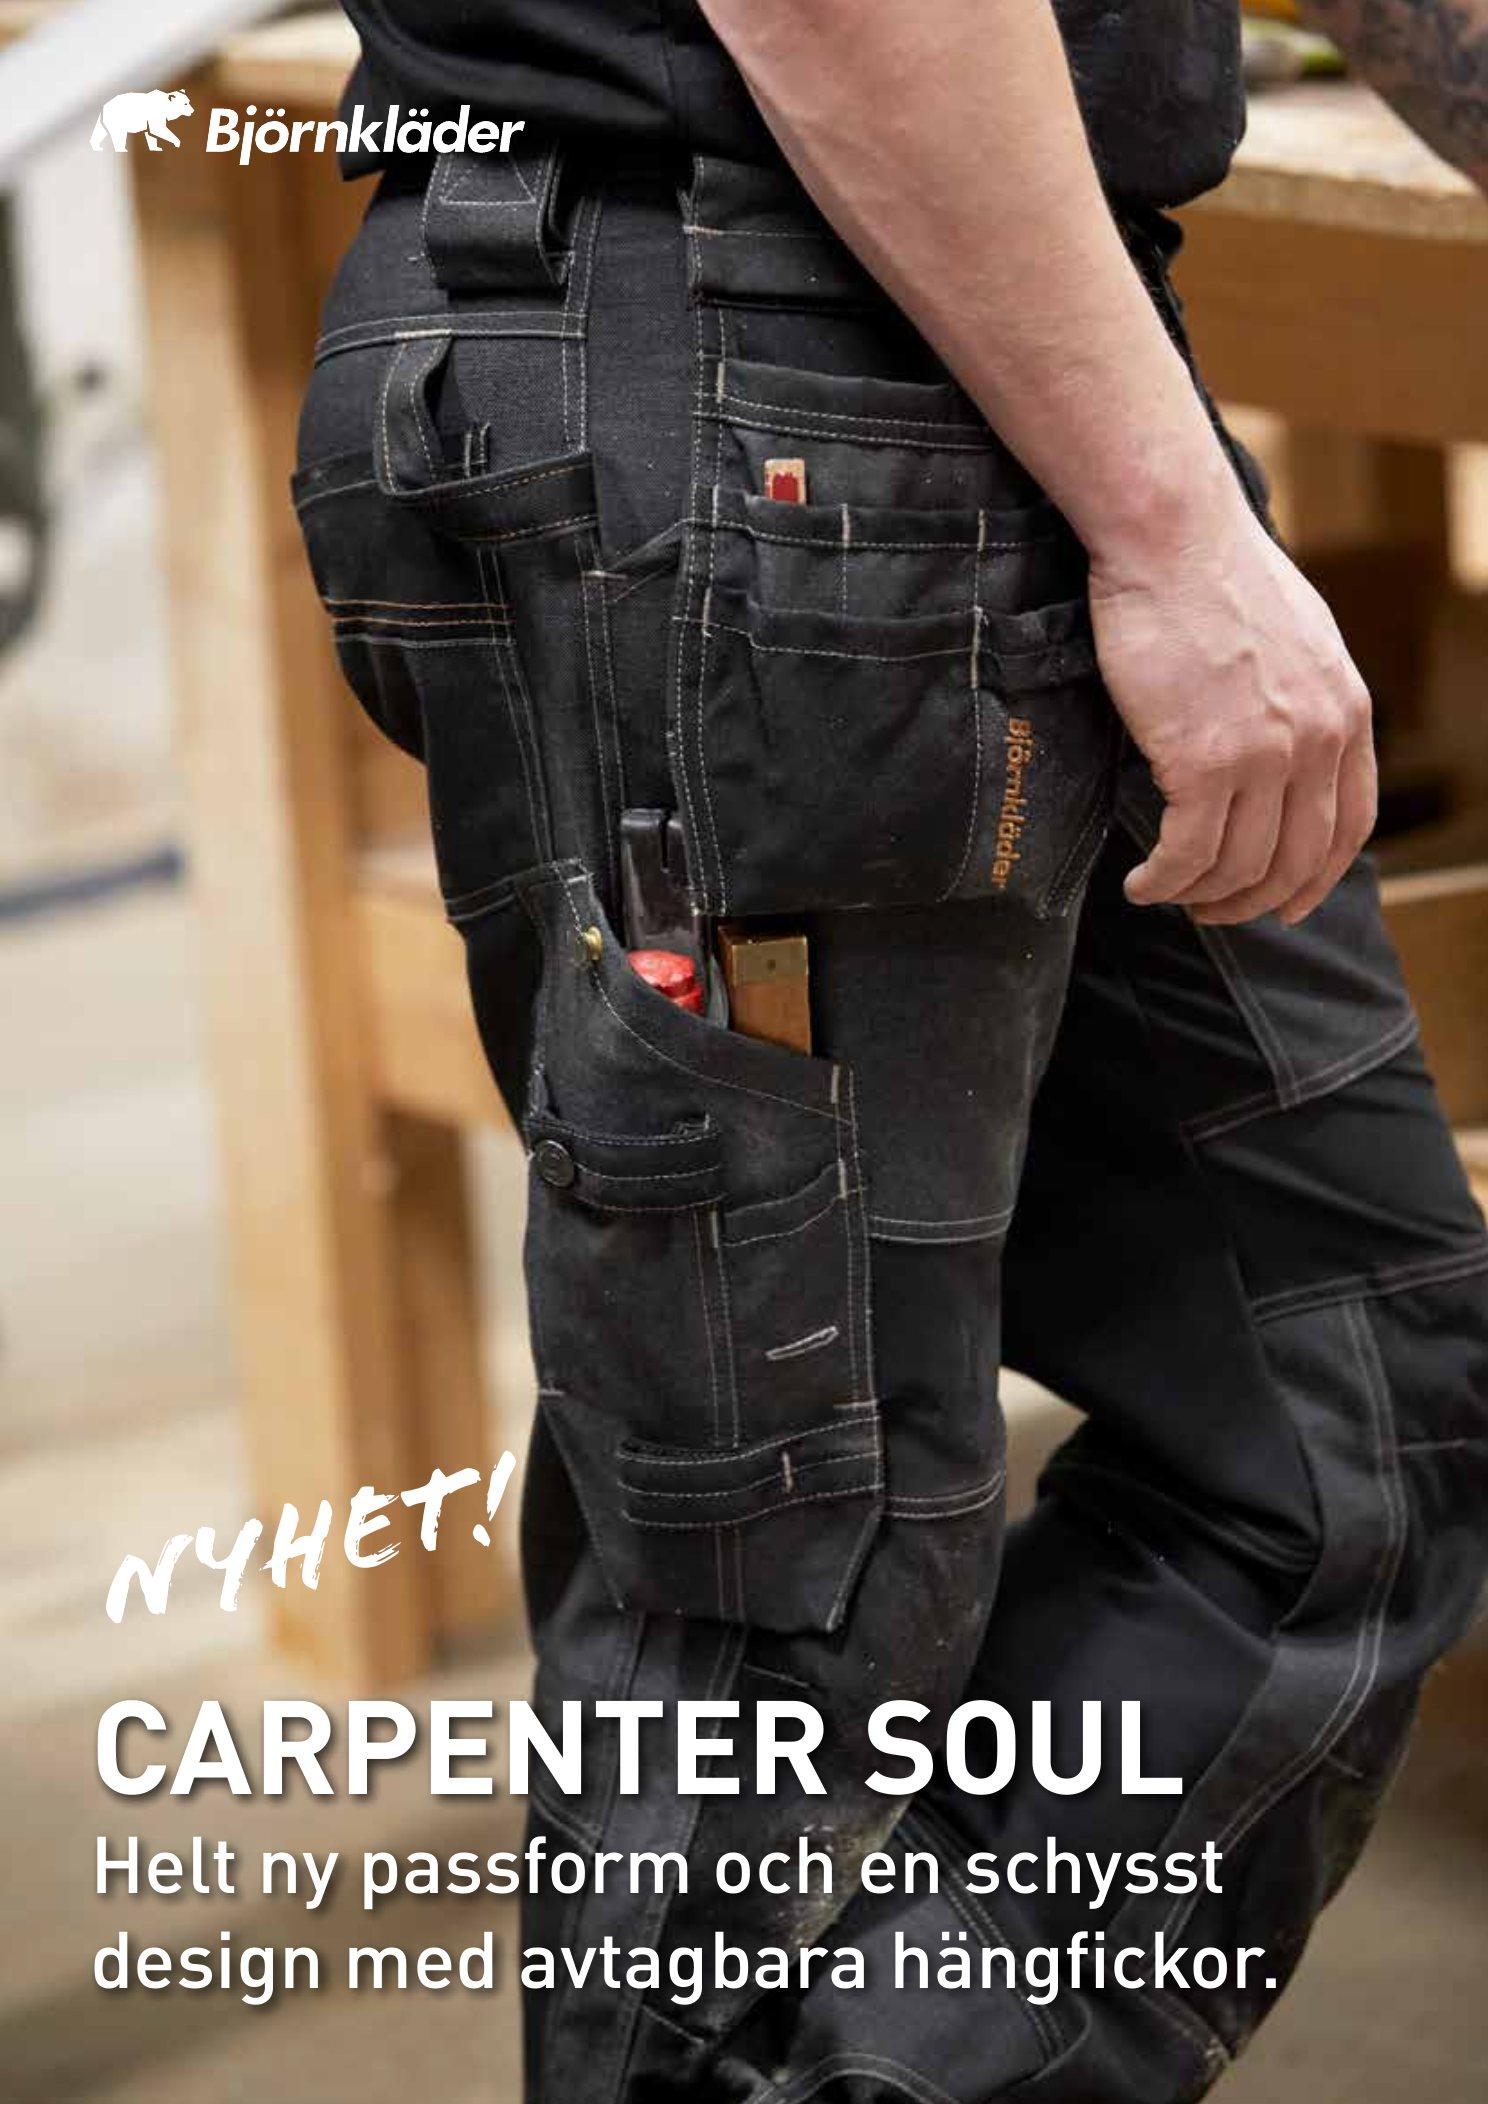 björnkläders carpenter-byxa